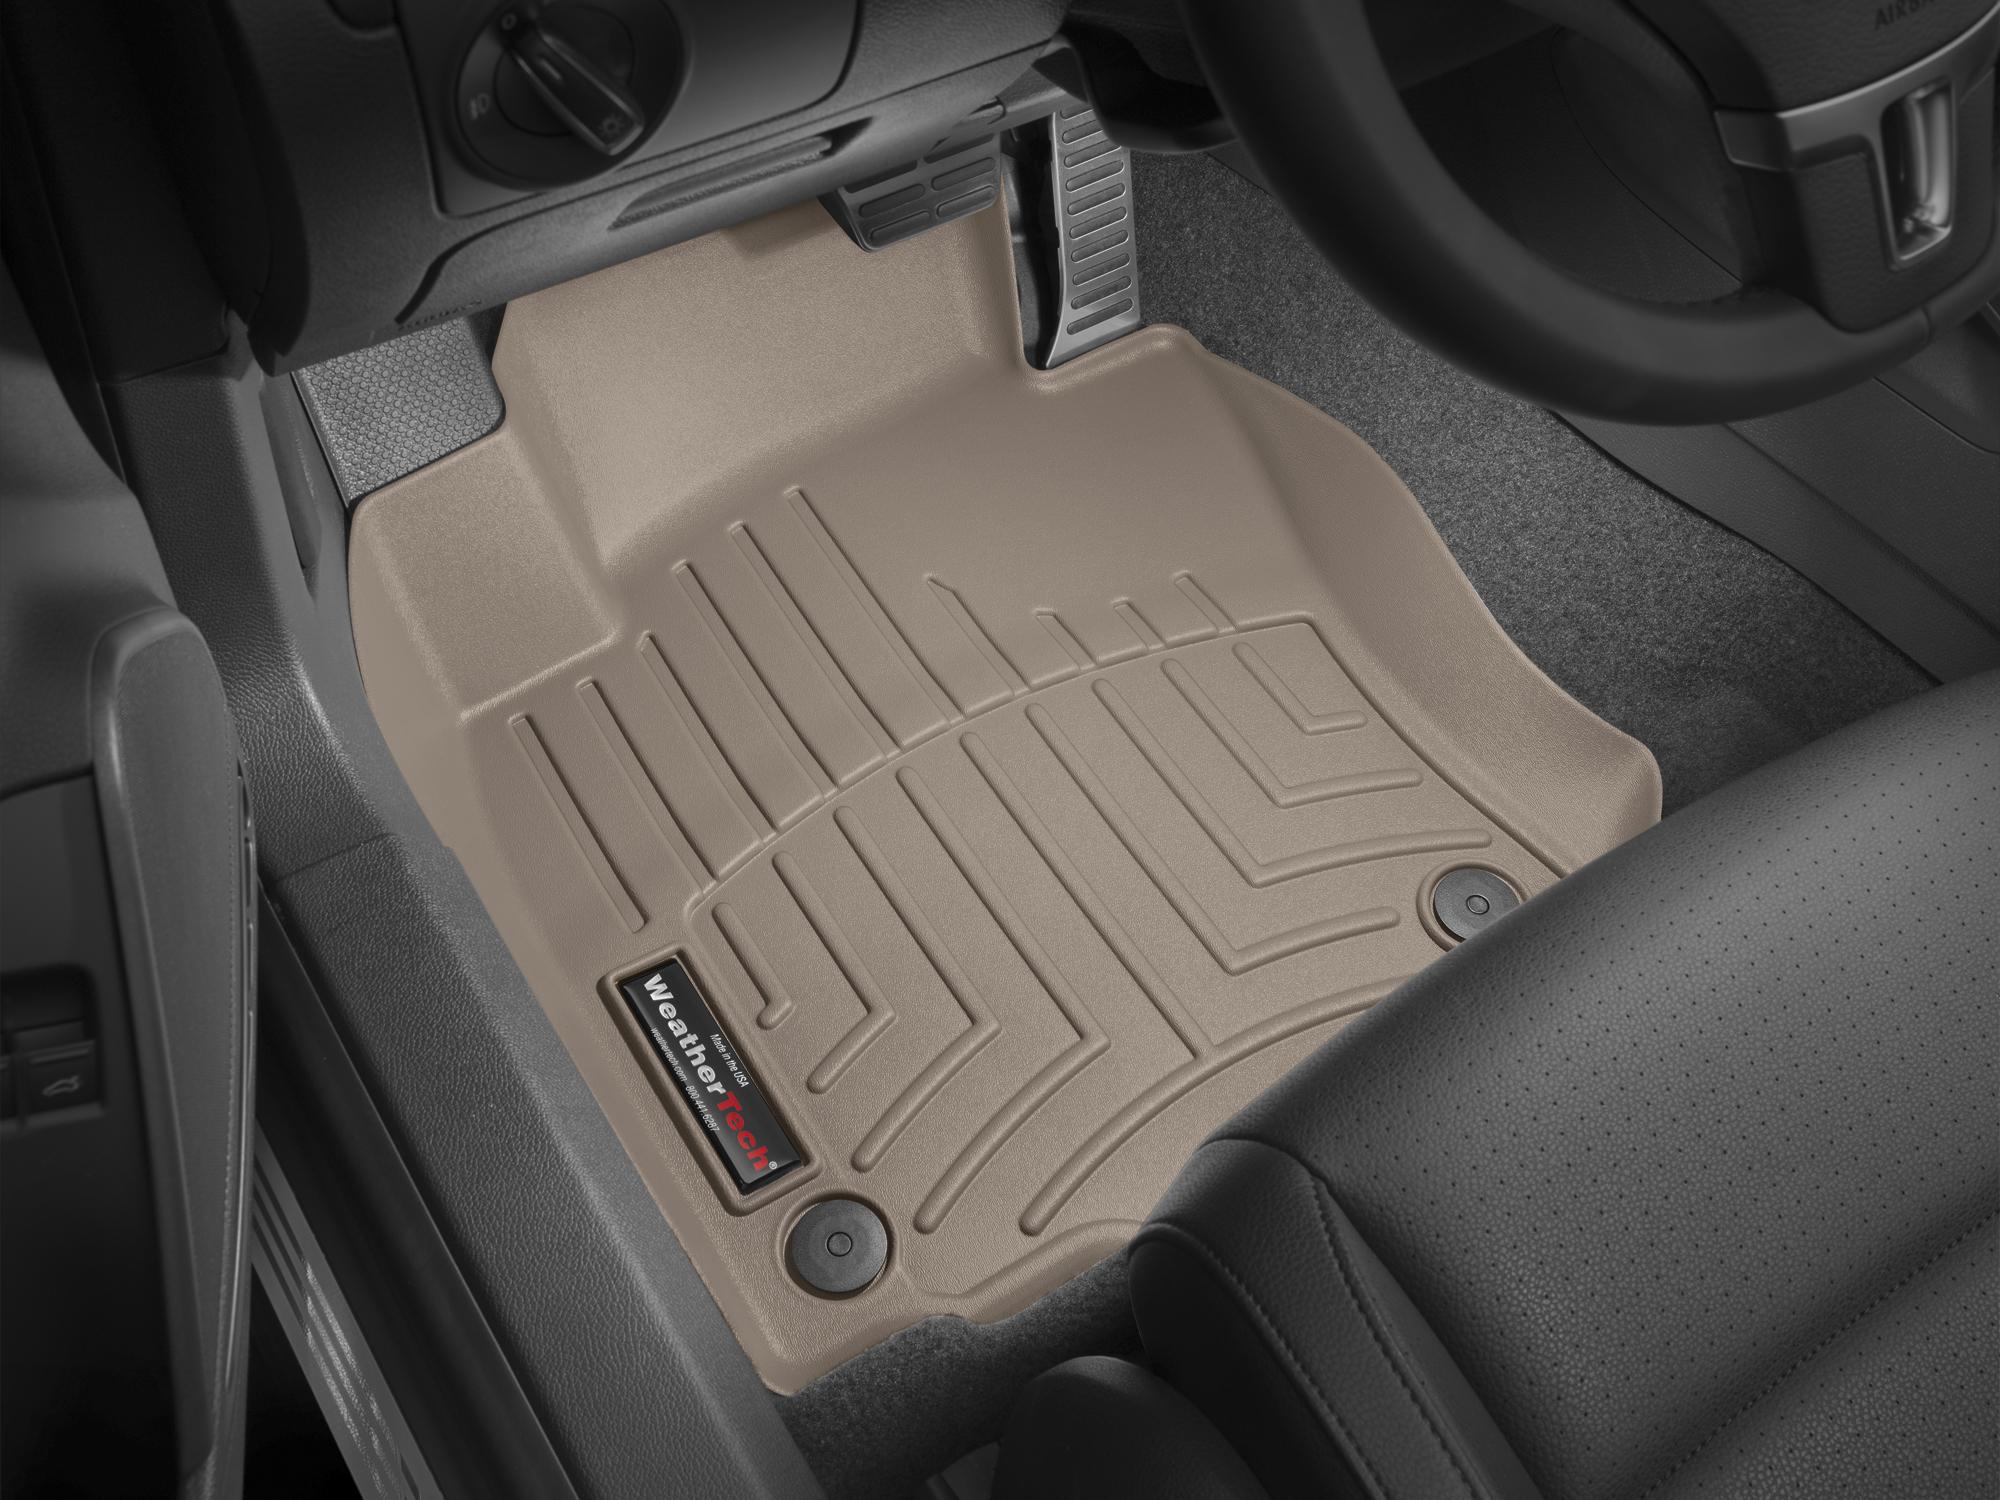 Tappeti gomma su misura bordo alto Volkswagen Golf 03>03 Marrone A4020*